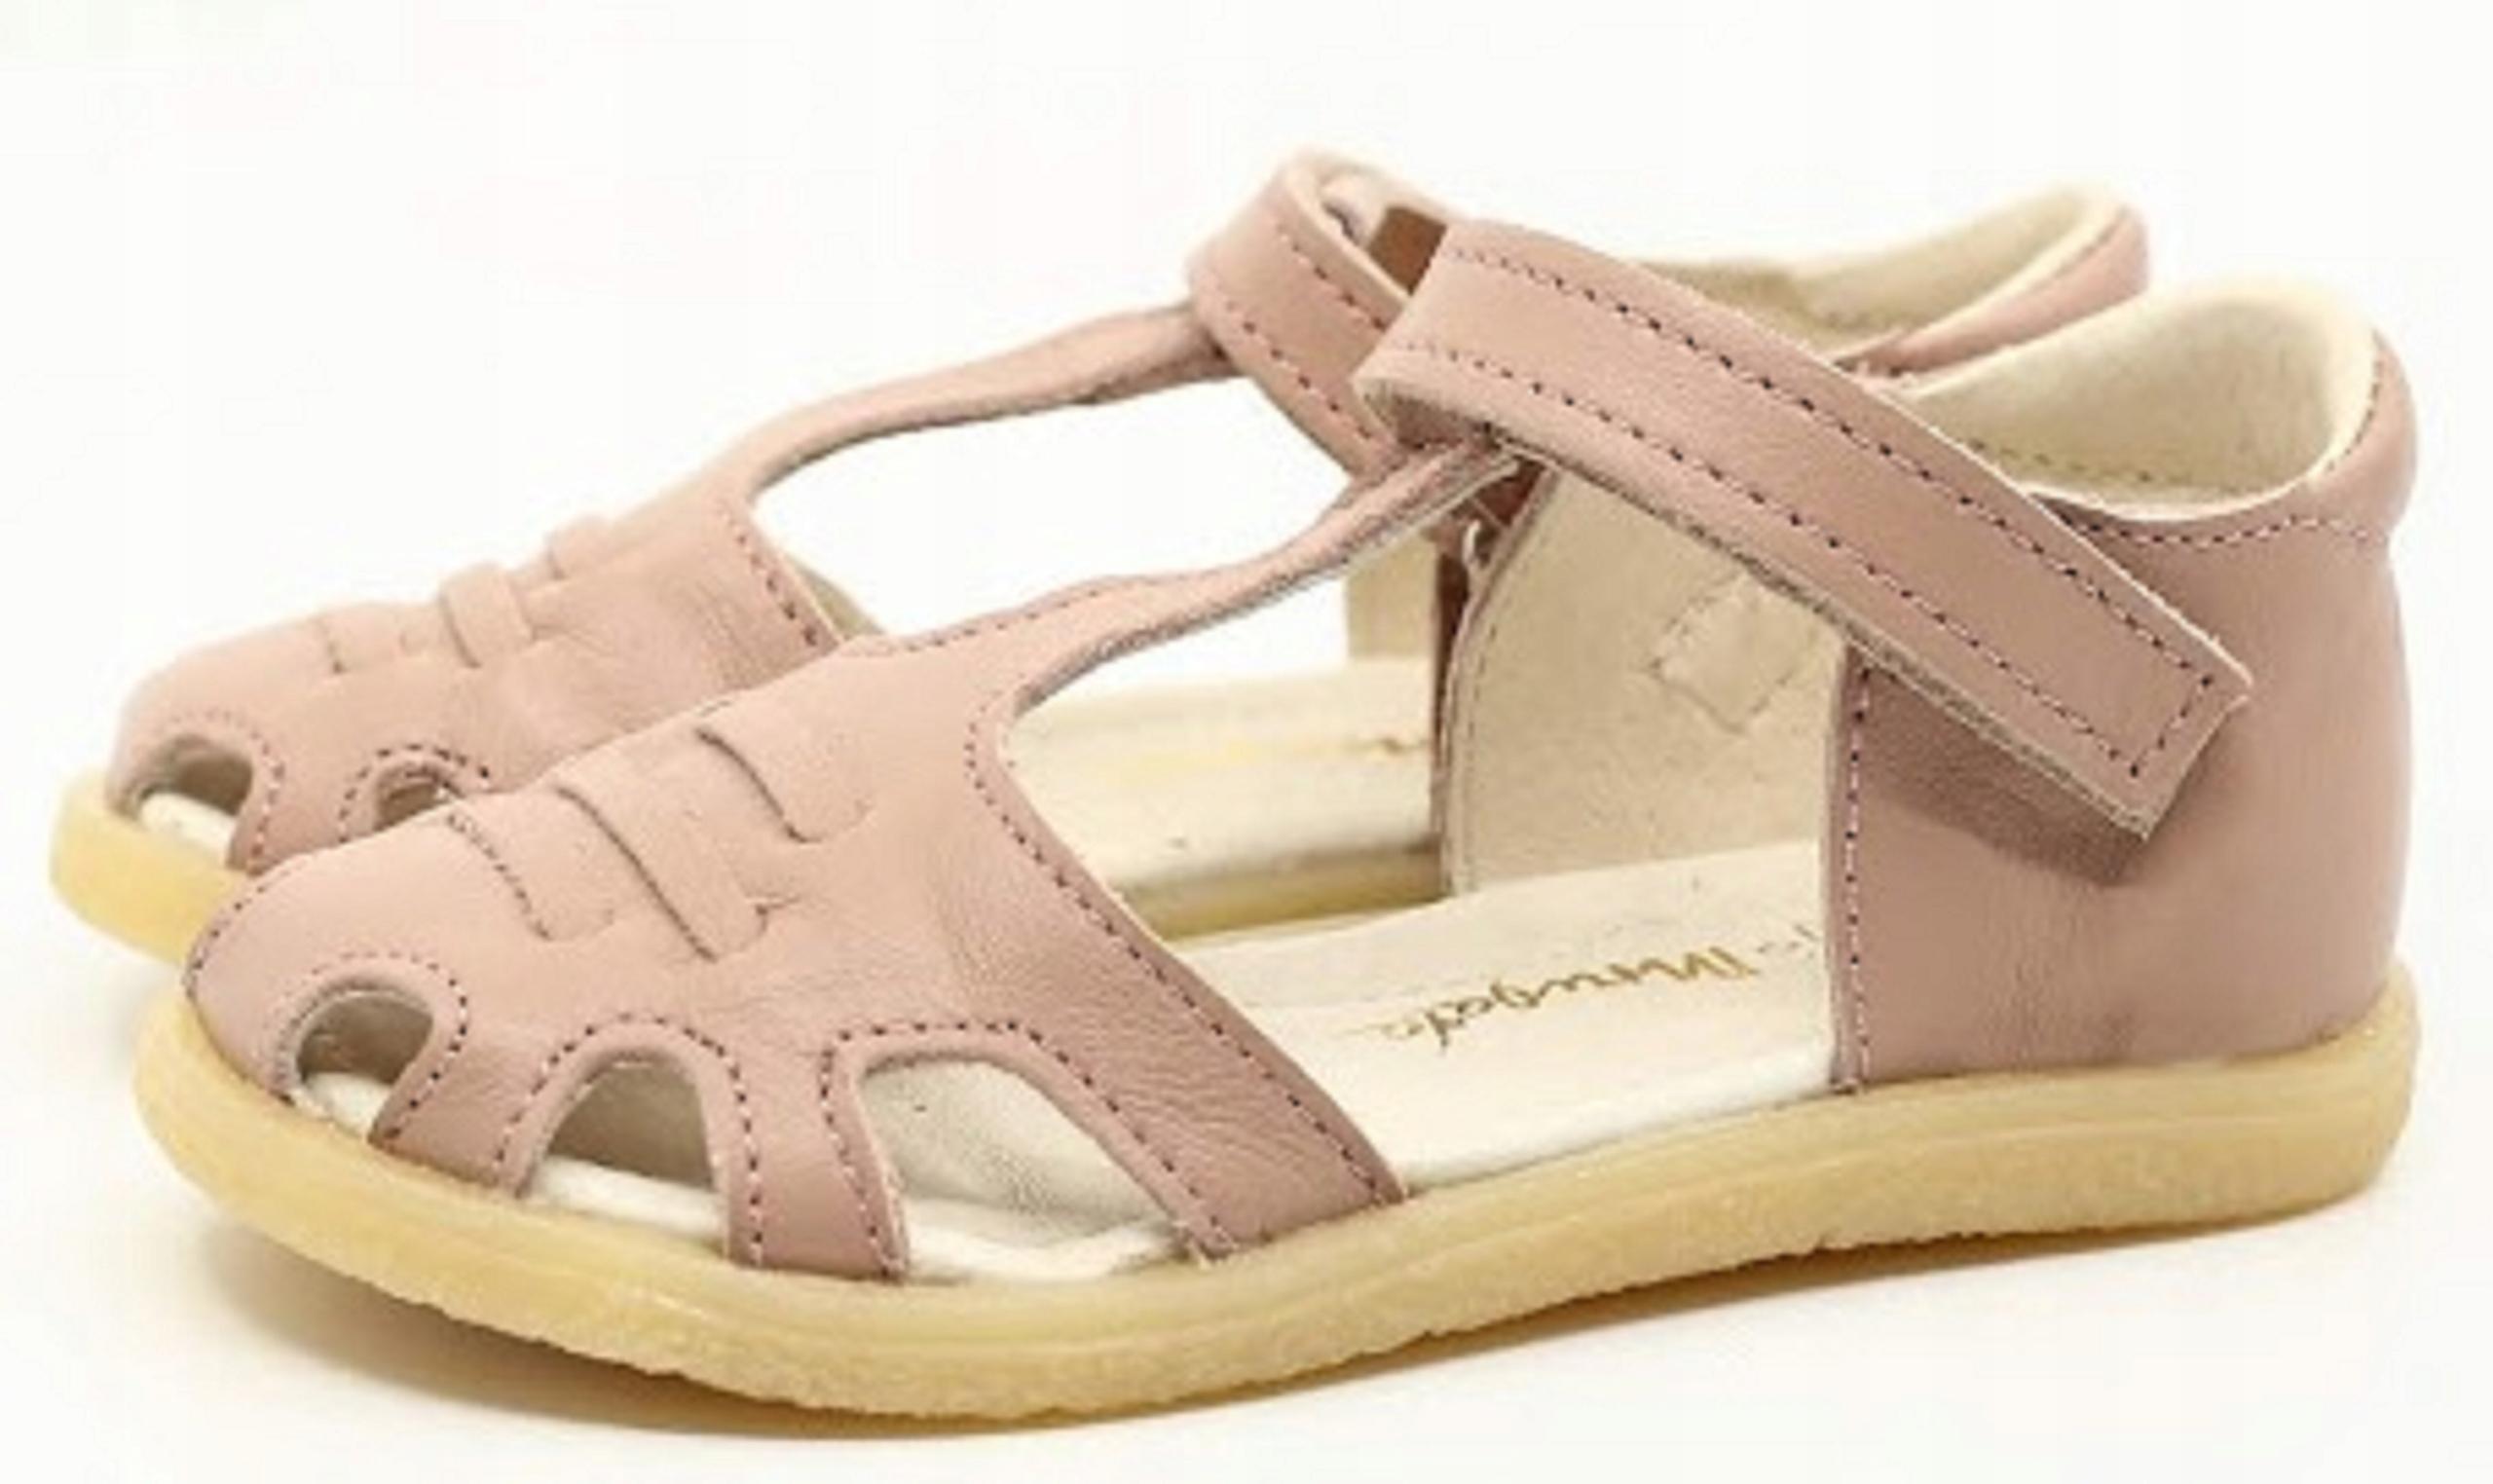 sandále sandále MRUGAŁA LOLA 1217 / 0-40 24